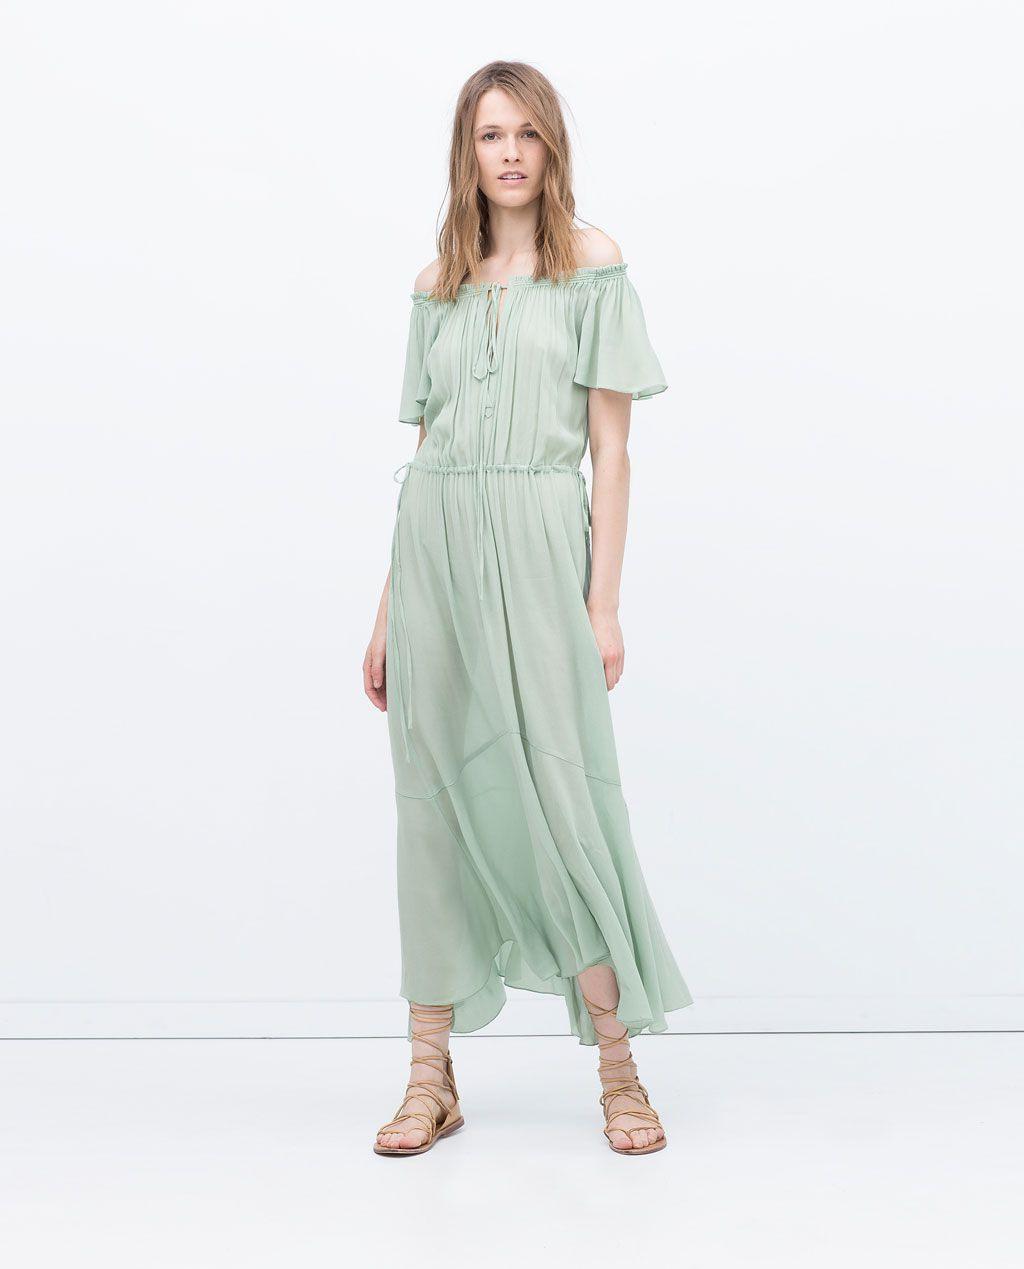 Formal Luxurius Zara Abend Kleid VertriebDesigner Wunderbar Zara Abend Kleid Galerie